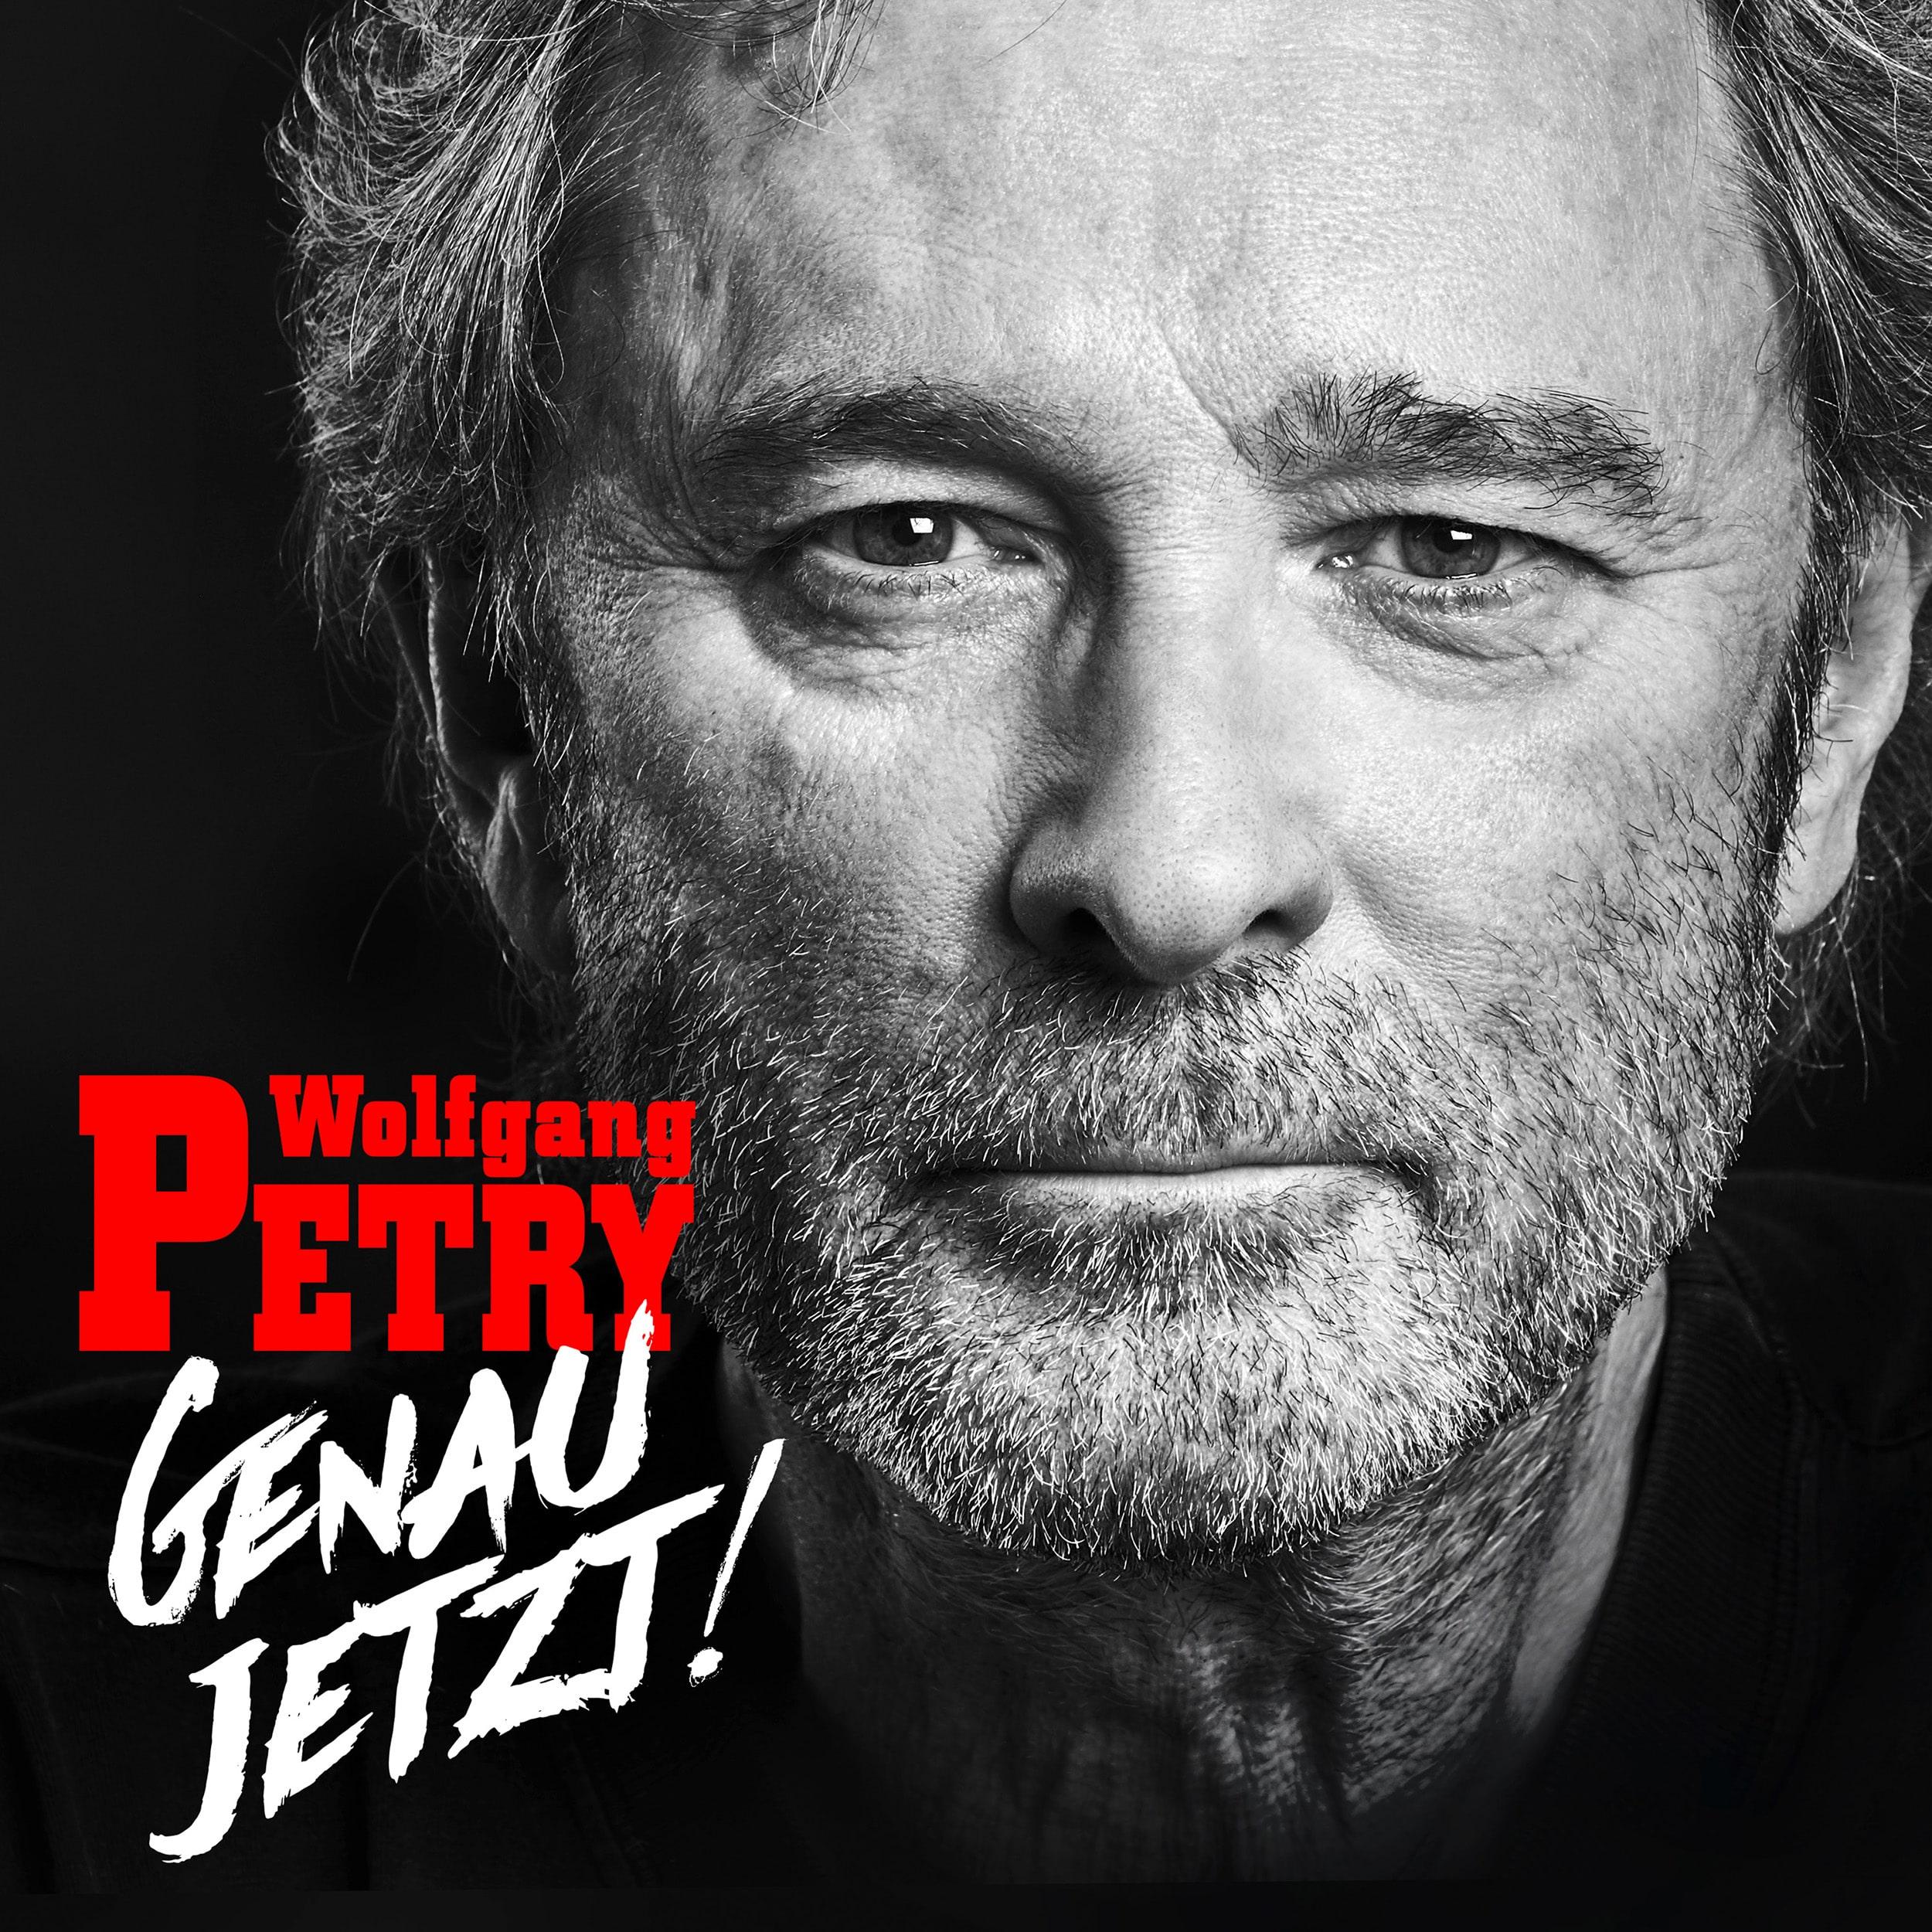 Mit neuem Album: Wolfgang Petry kehrt in die Schlagerwelt zurück